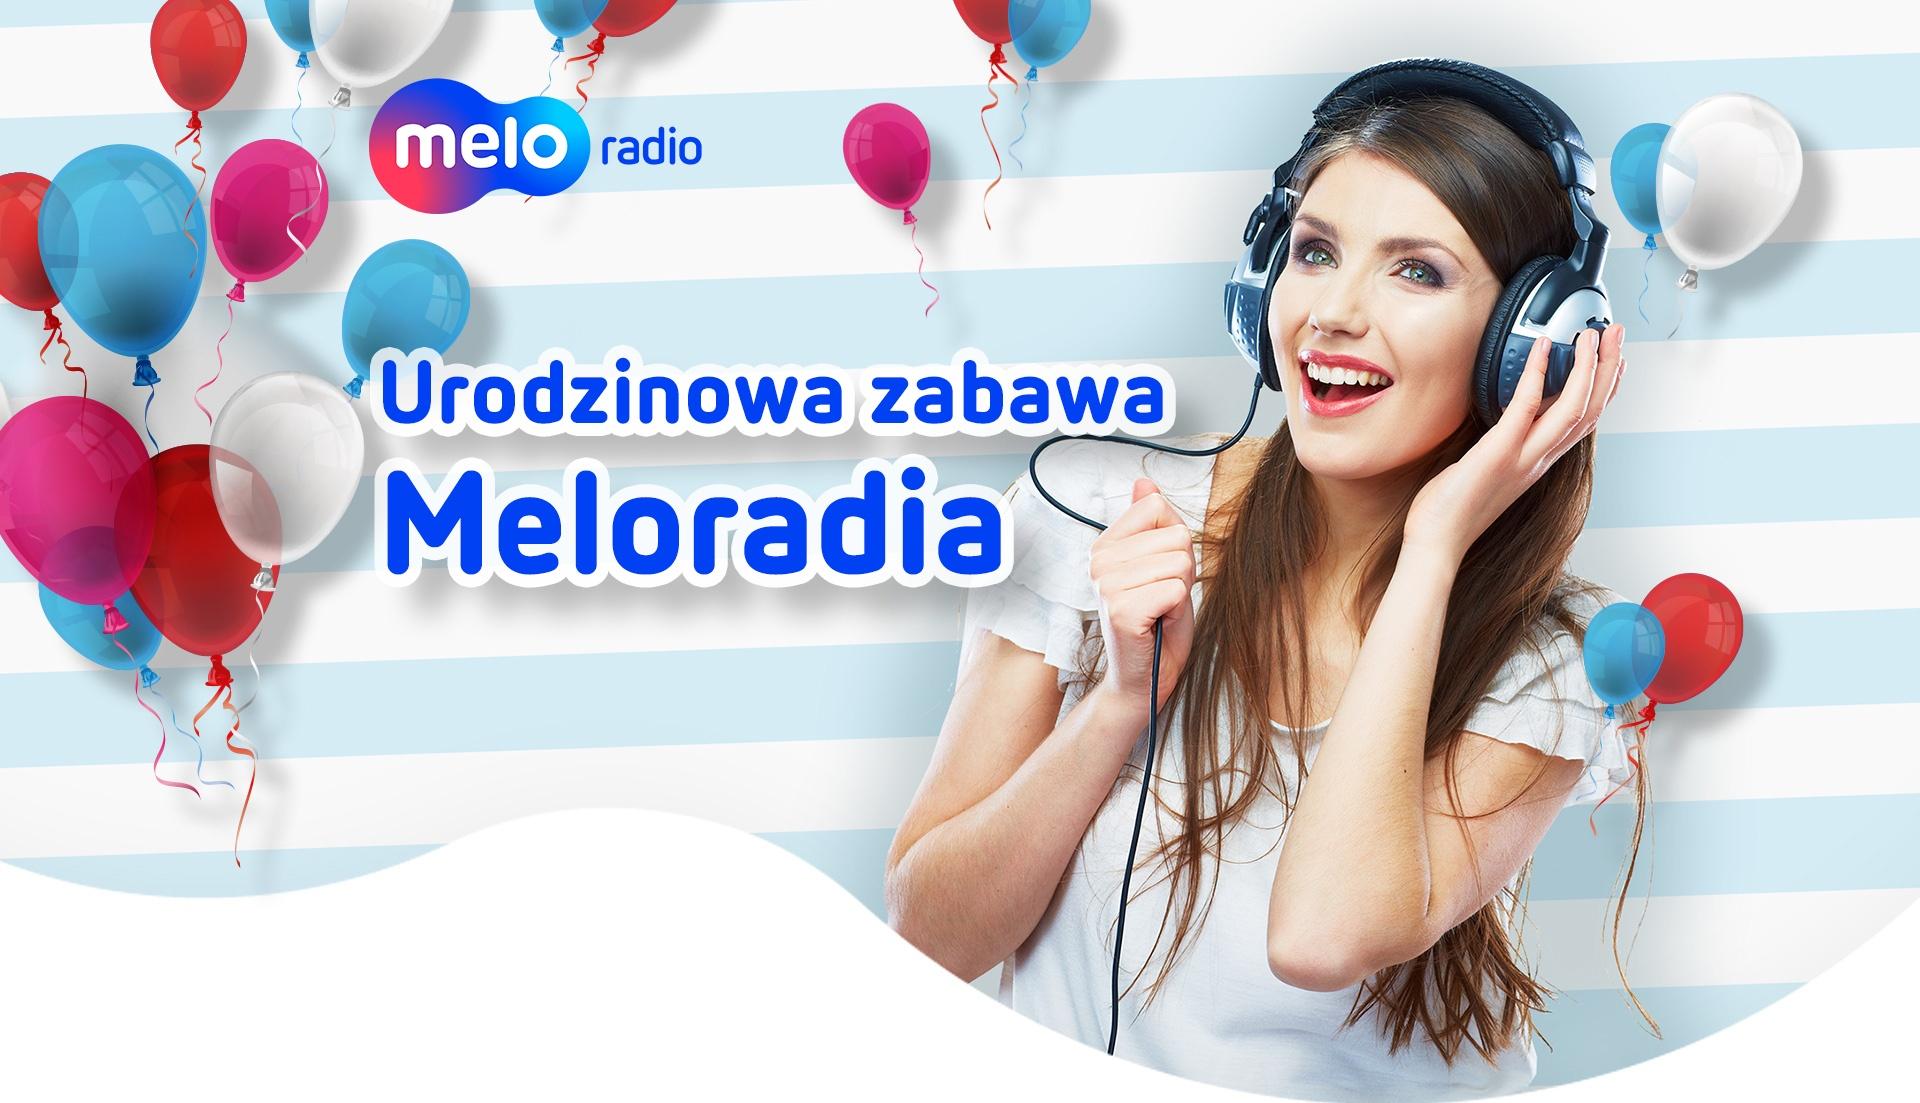 Urodzinowa zabawa Meloradia